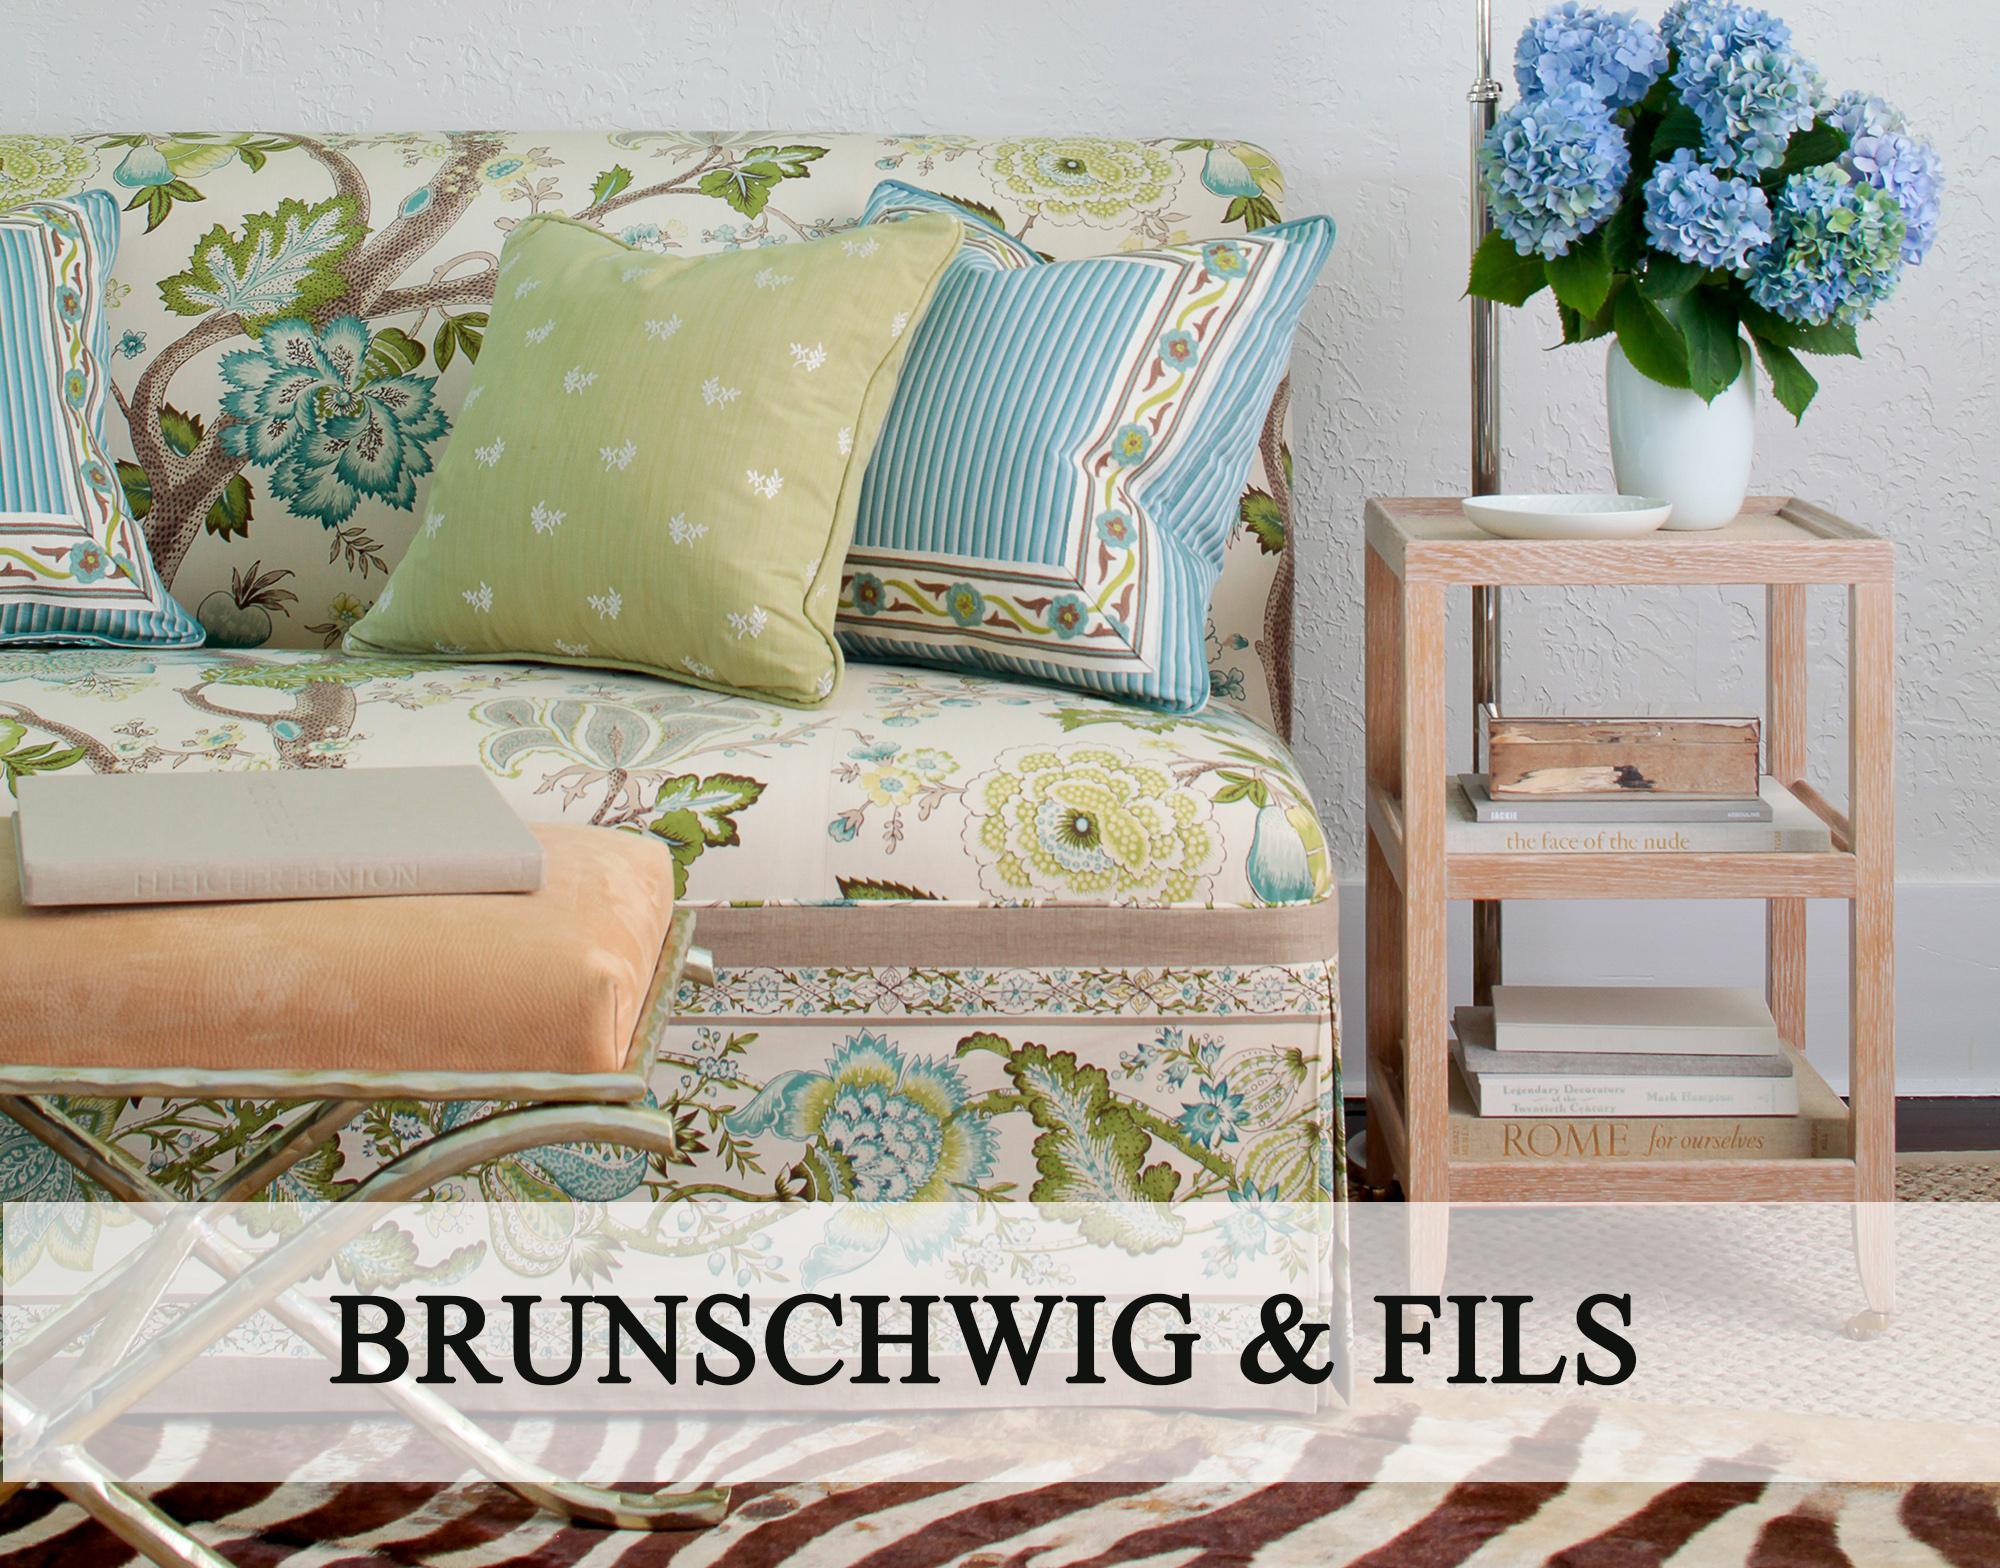 Brunschwig & Fils